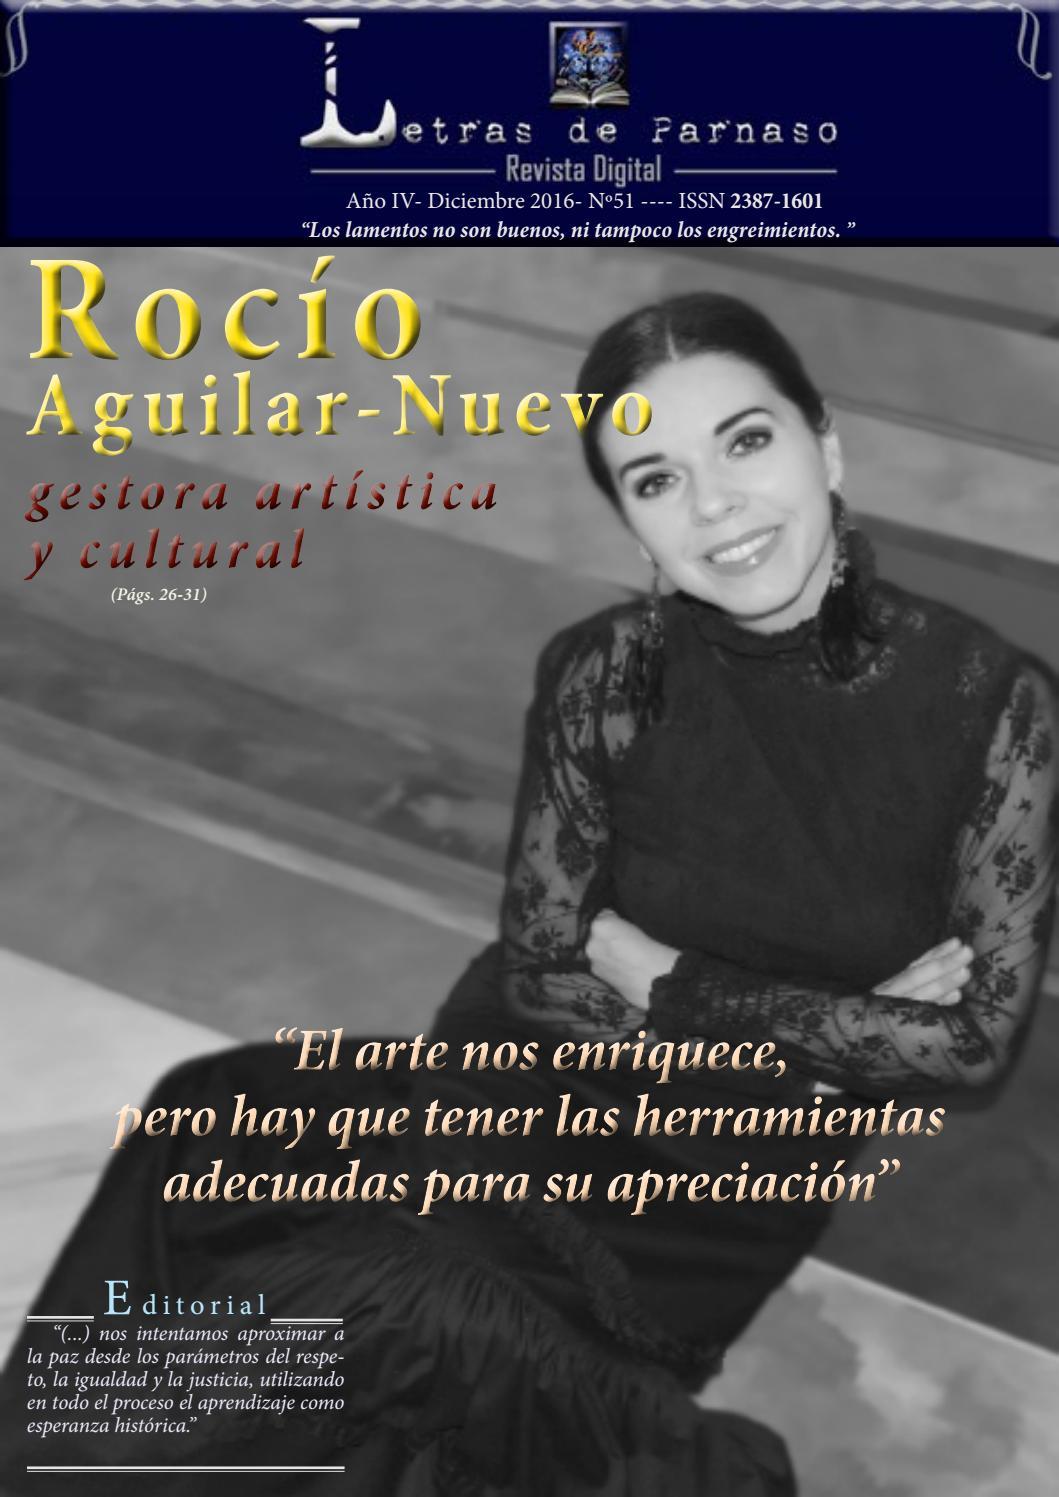 e81b73cd9b5 Edicion51 by Juan Antonio Pellicer - issuu